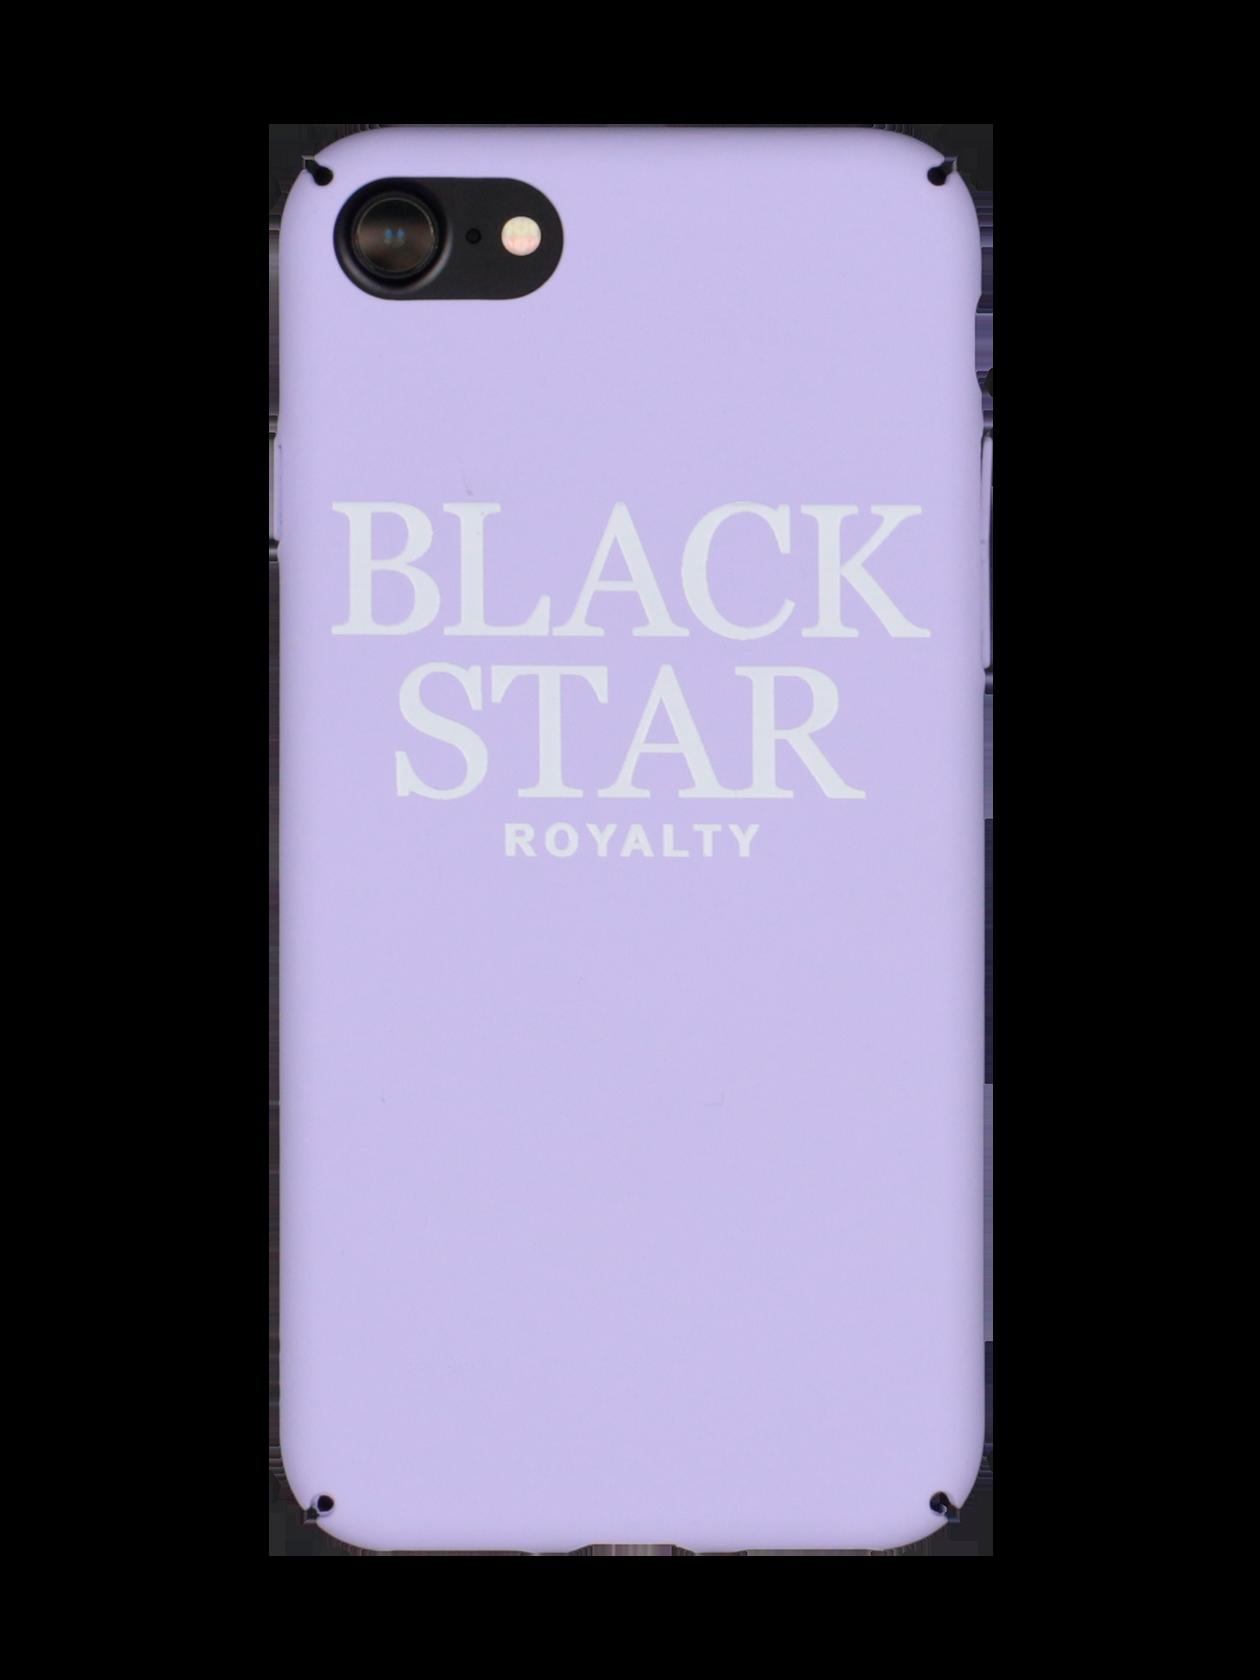 Чехол для телефона ROYALTY BLACK STARПрактичный чехол для телефона Royalty Black Star в виде задней стенки мобильного устройства. Модель создана из прочного пластика, предотвращающего образование трещин, сколов на корпусе гаджета и попадание пыли. Изделие привлекает внимание яркой ментоловой расцветкой. В комбинации с фирменной надписью Black Star Royalty чехол становится стильным аксессуаром для любимого девайса. Он идеально повторяет форму телефона, оставляя доступ к имеющимся разъемам и опциям.<br><br>Размер: 5<br>Цвет: Сиреневый<br>Пол: Унисекс